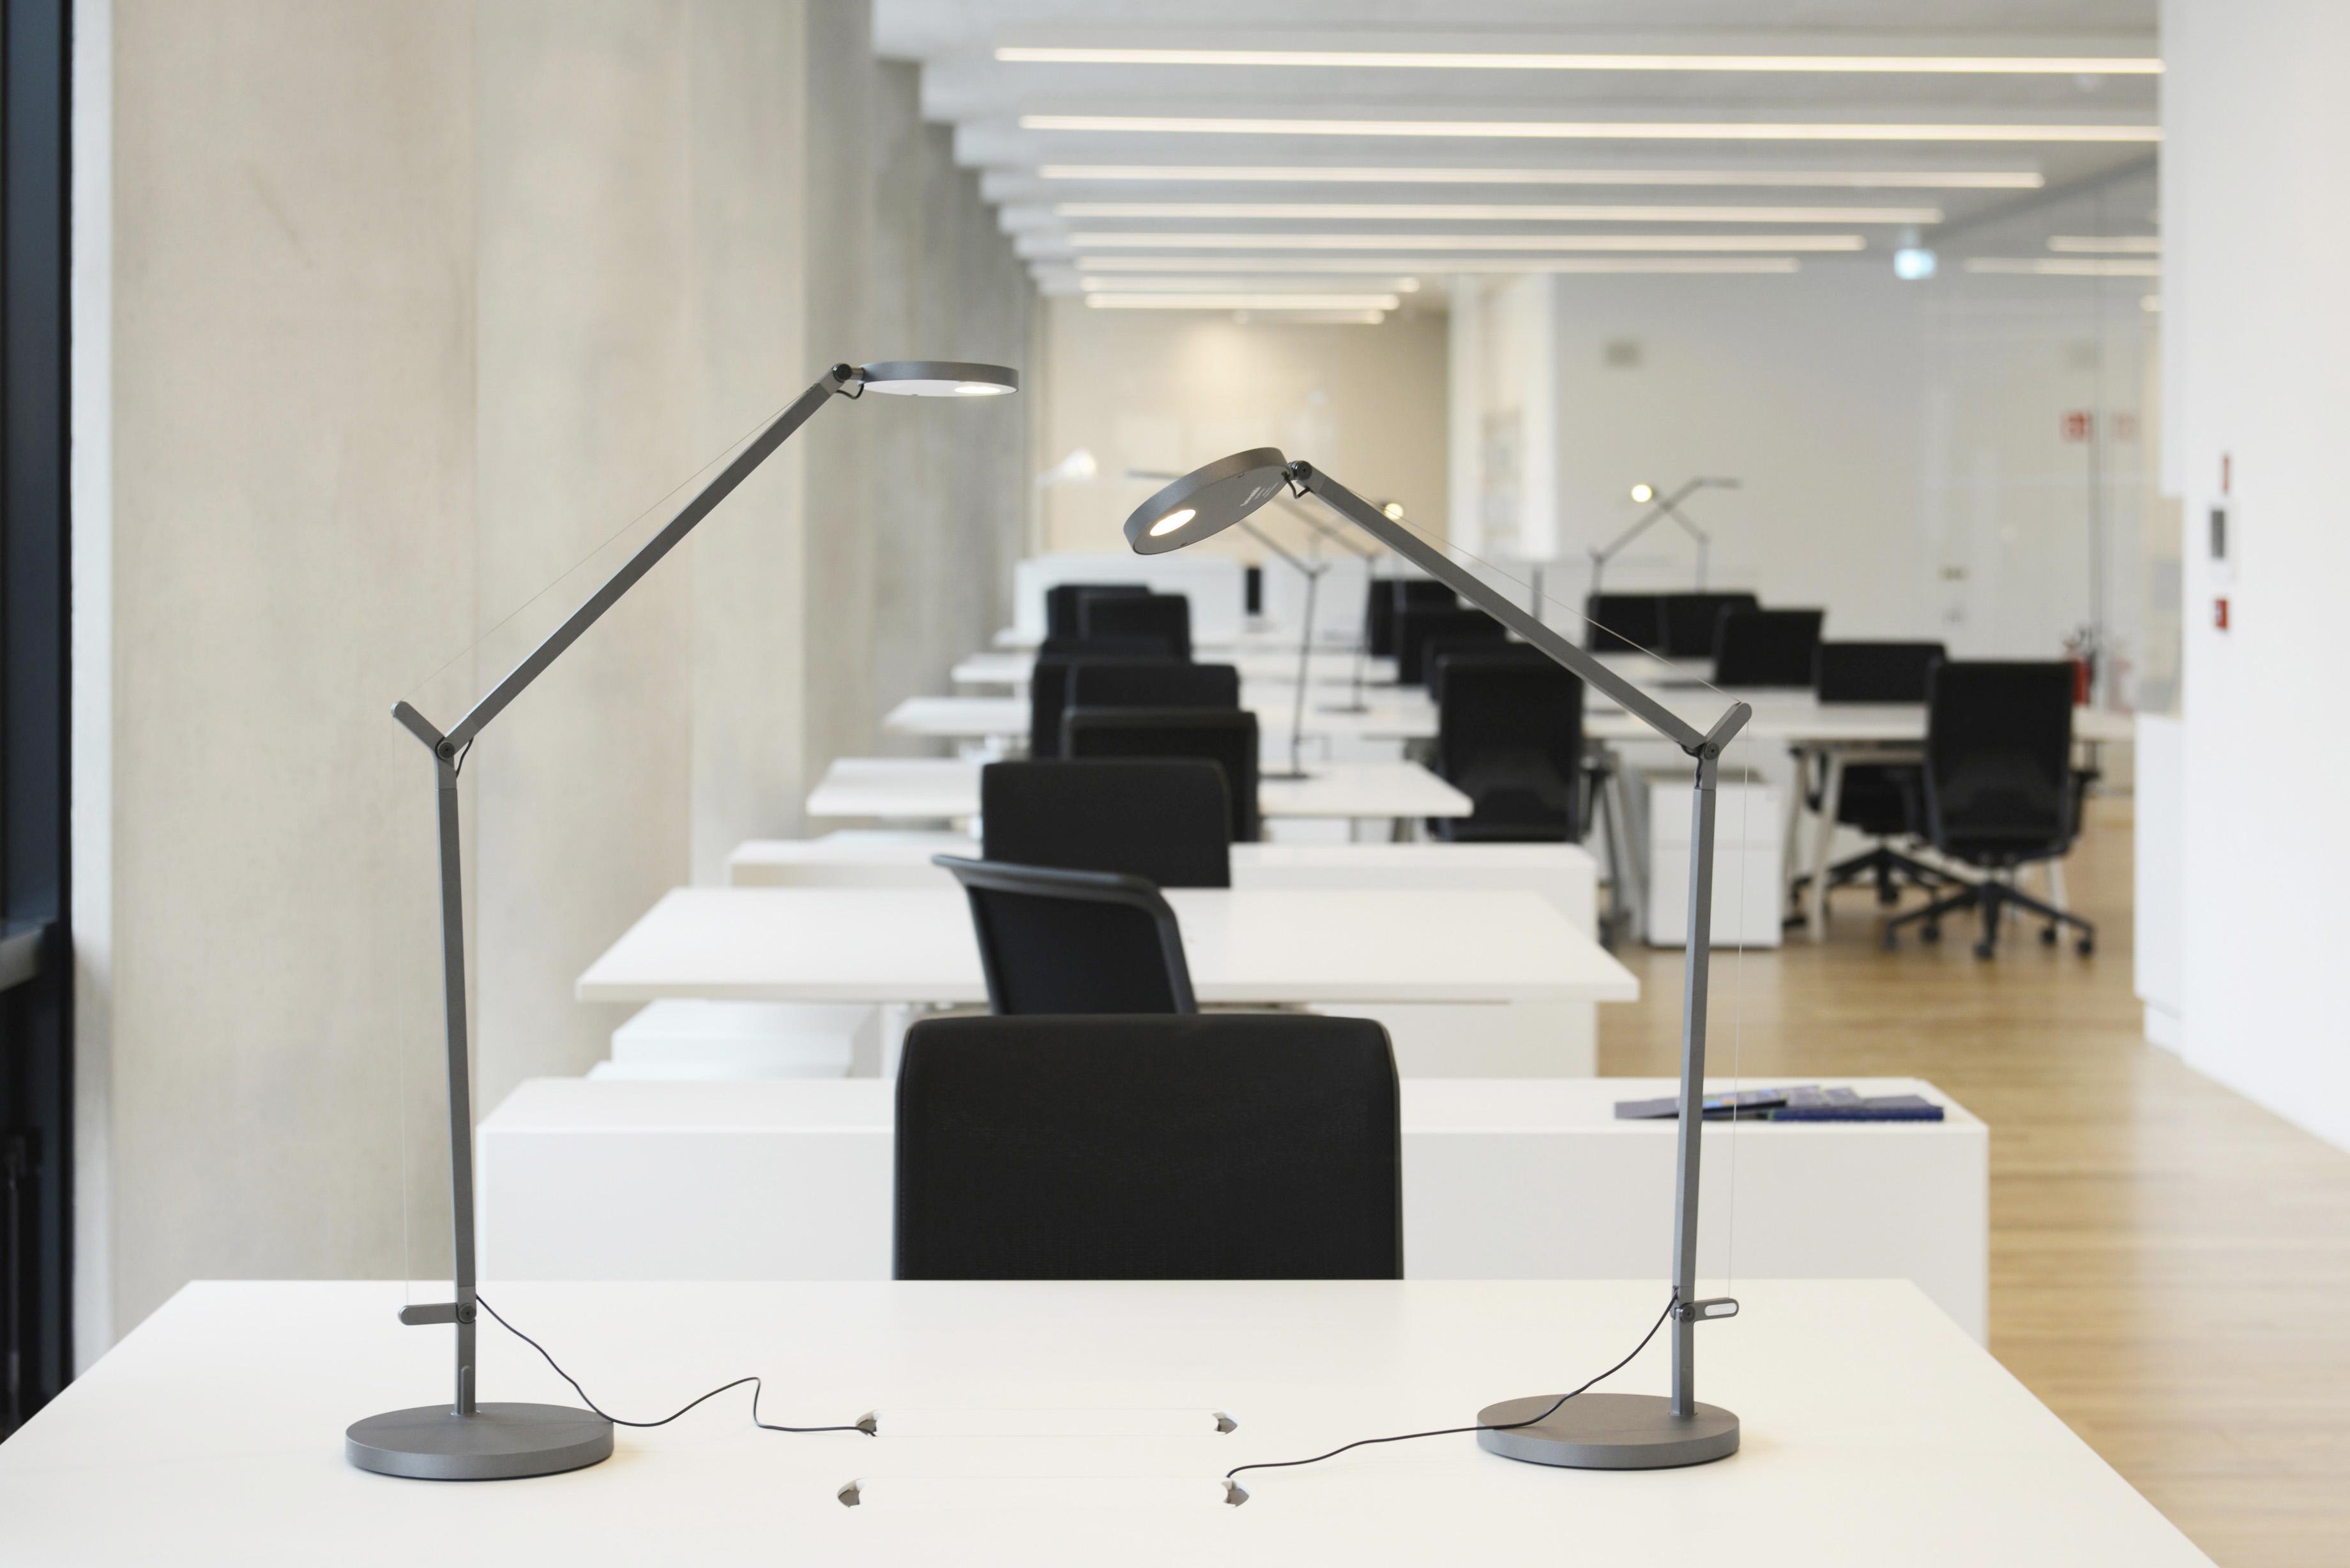 Illuminazione Ufficio Led : Lilluminazione per i luoghi di lavoro luce e design